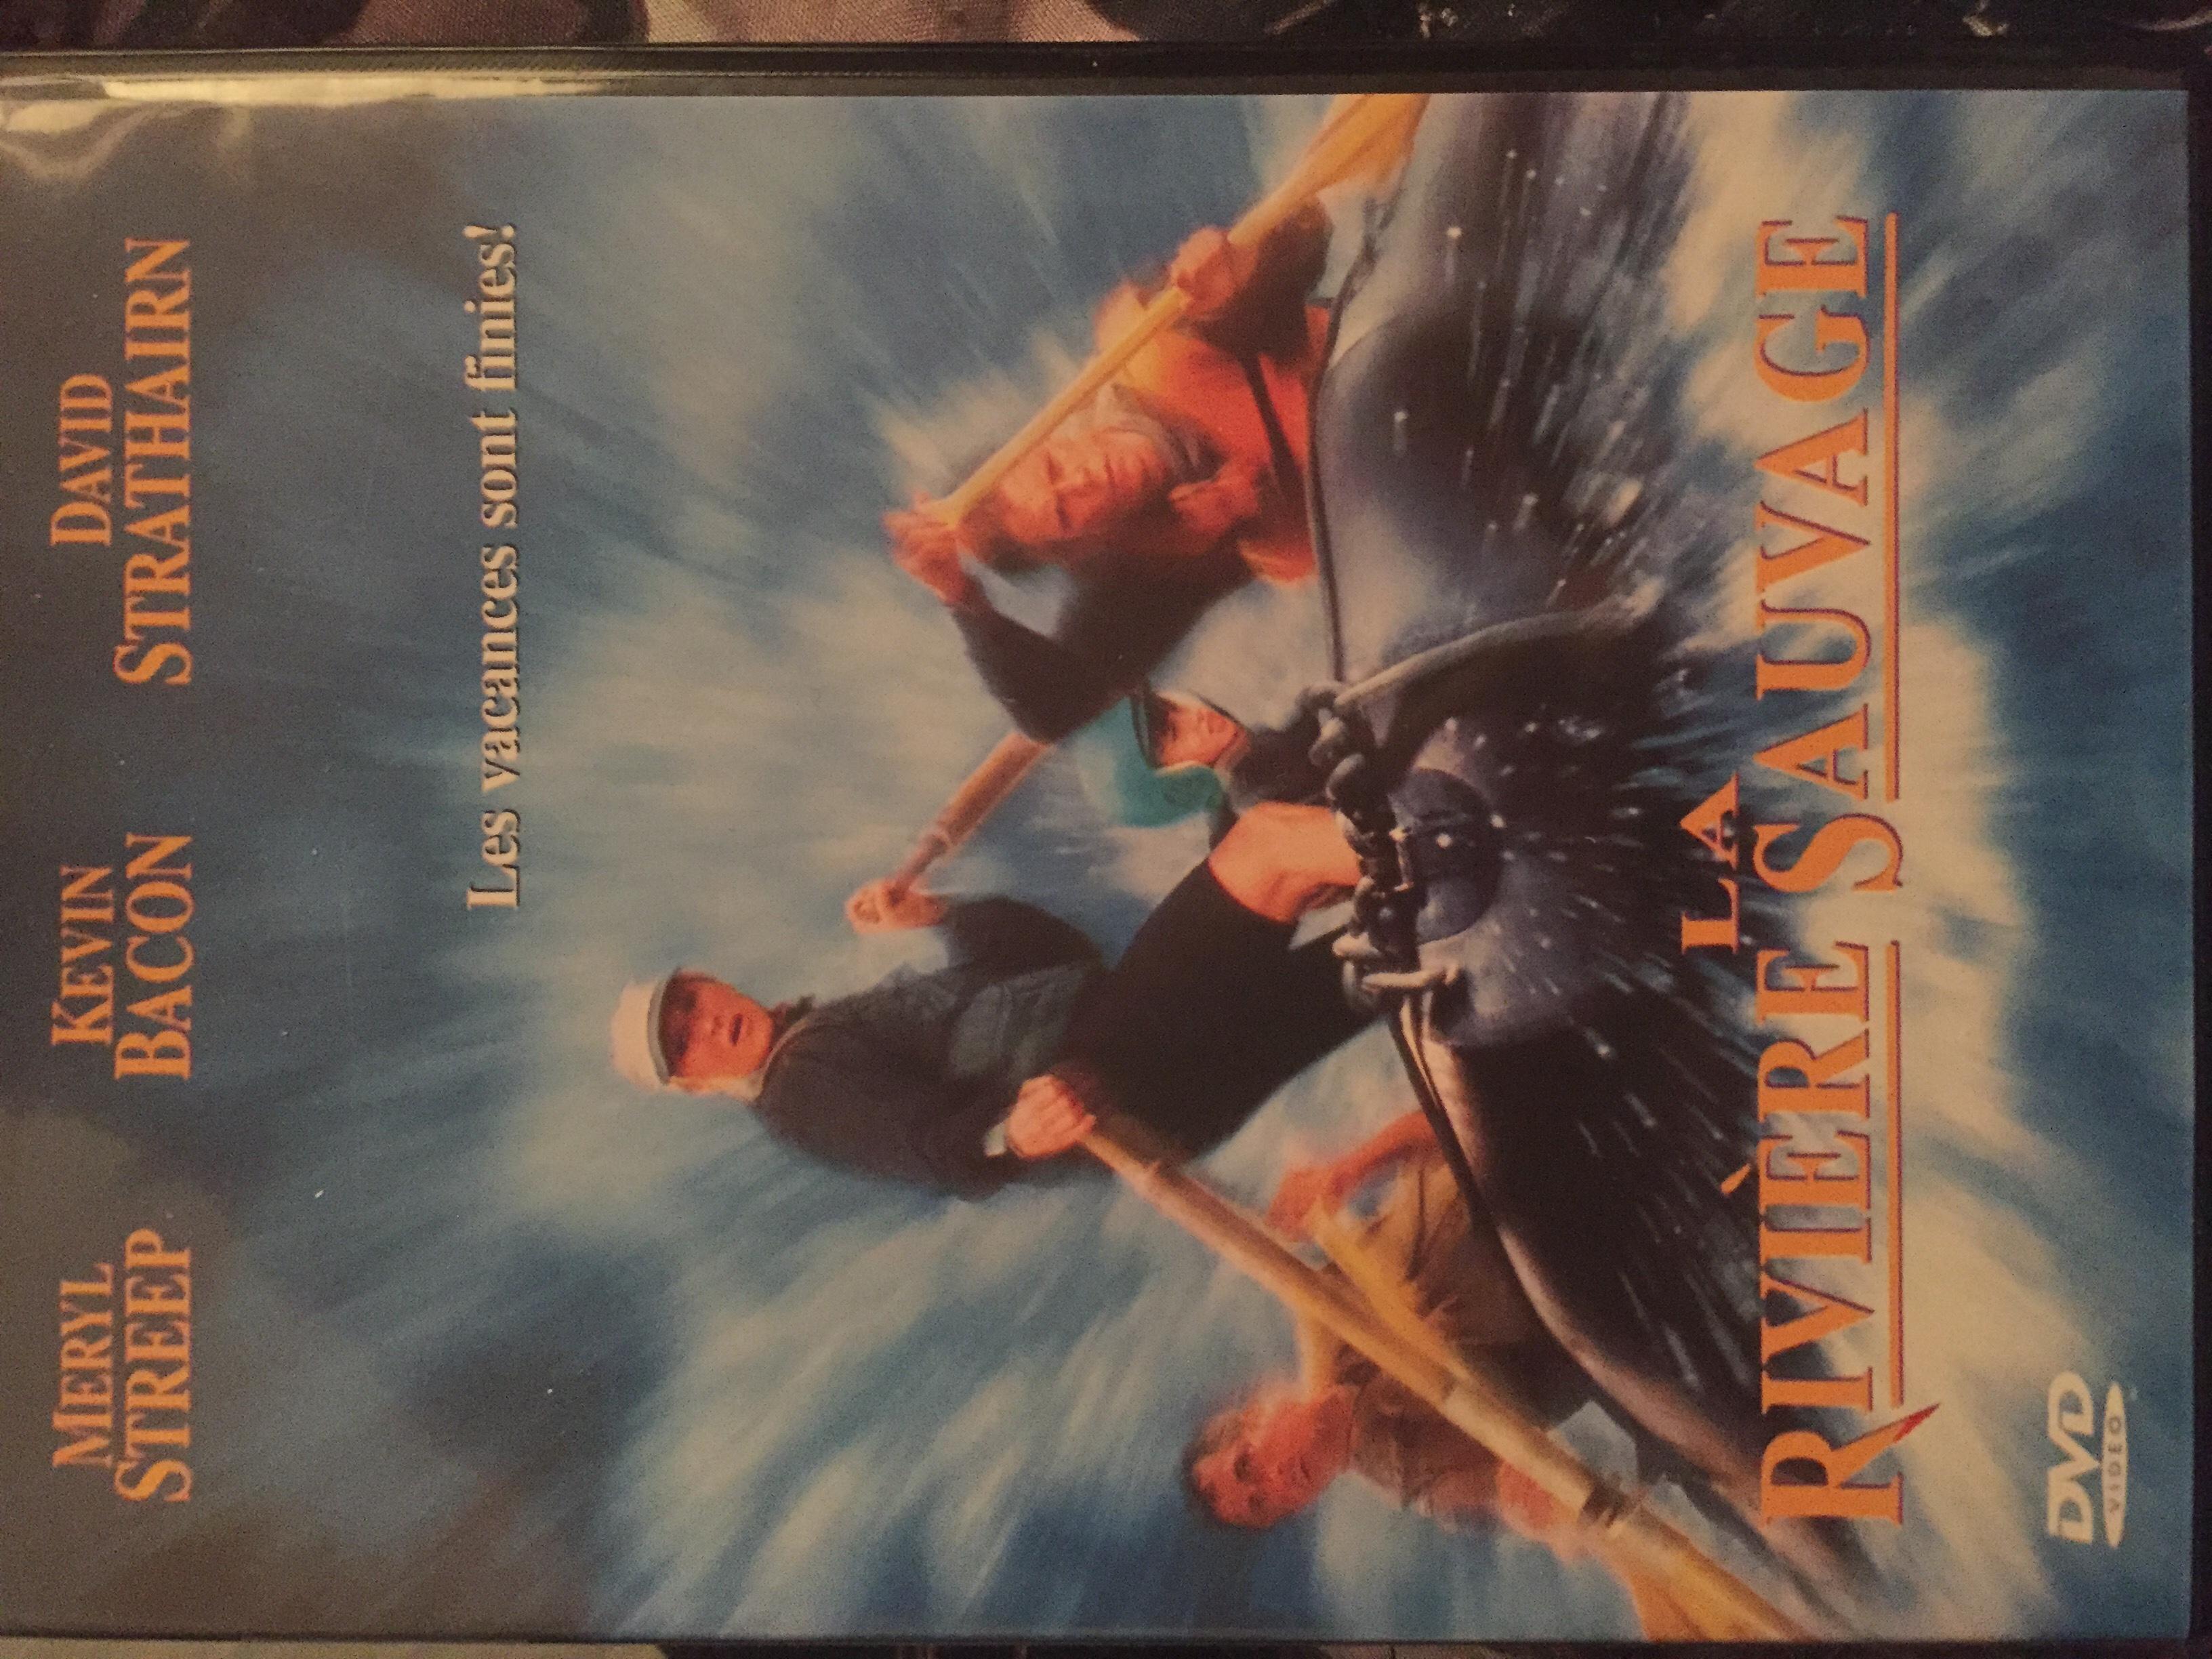 DVD La rivière sauvage 5 Alfortville (94)